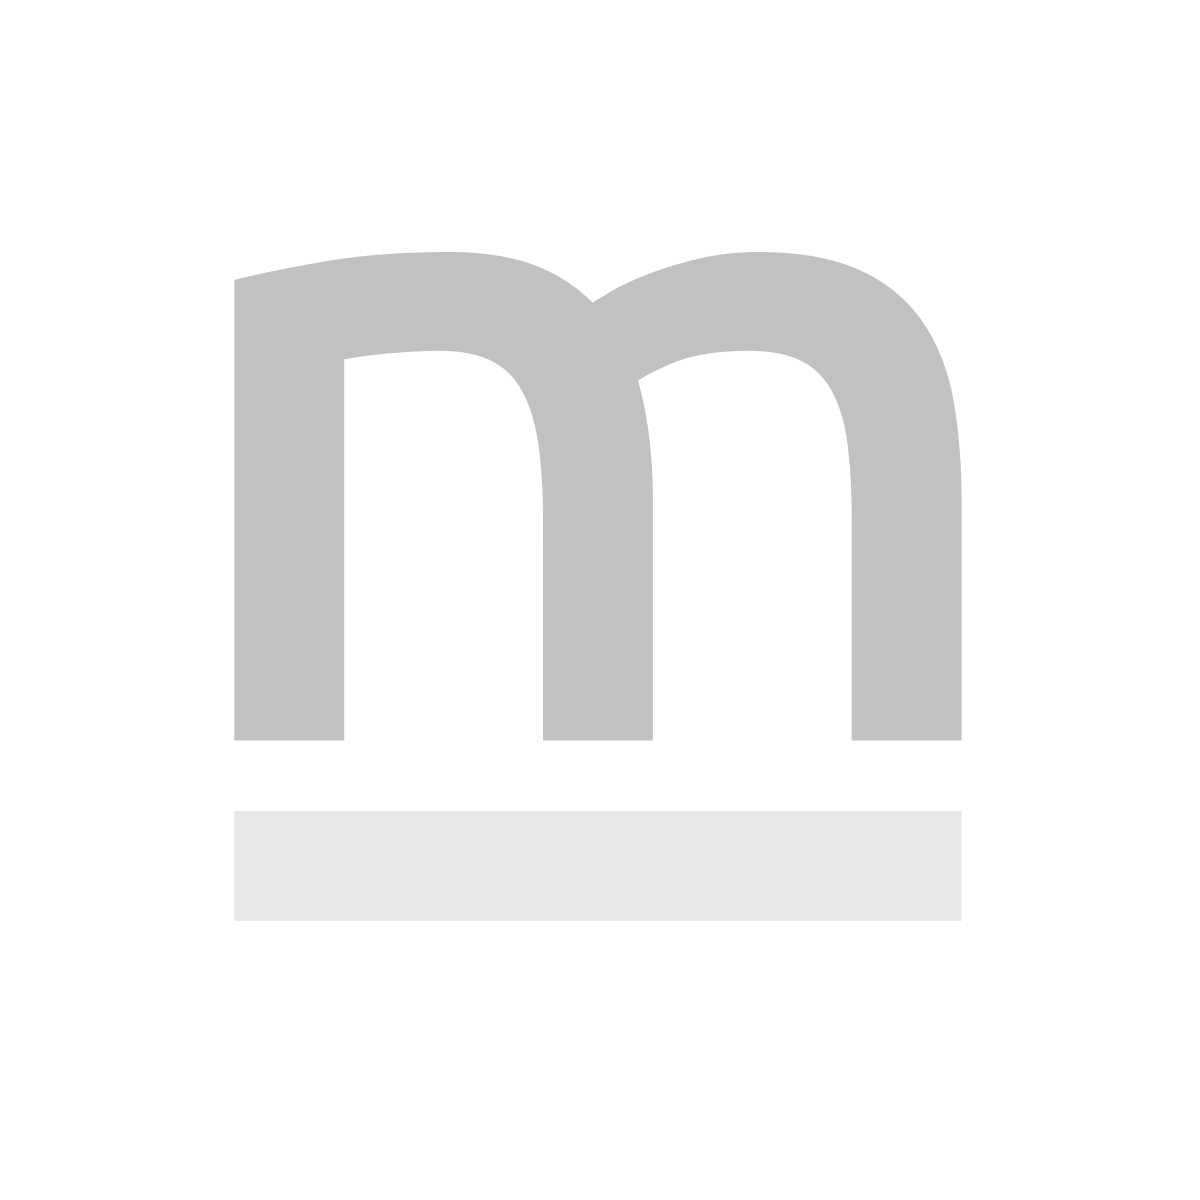 Pościel satynowa dziecięca Teddy My Teddy niebieska 140x200+70x80